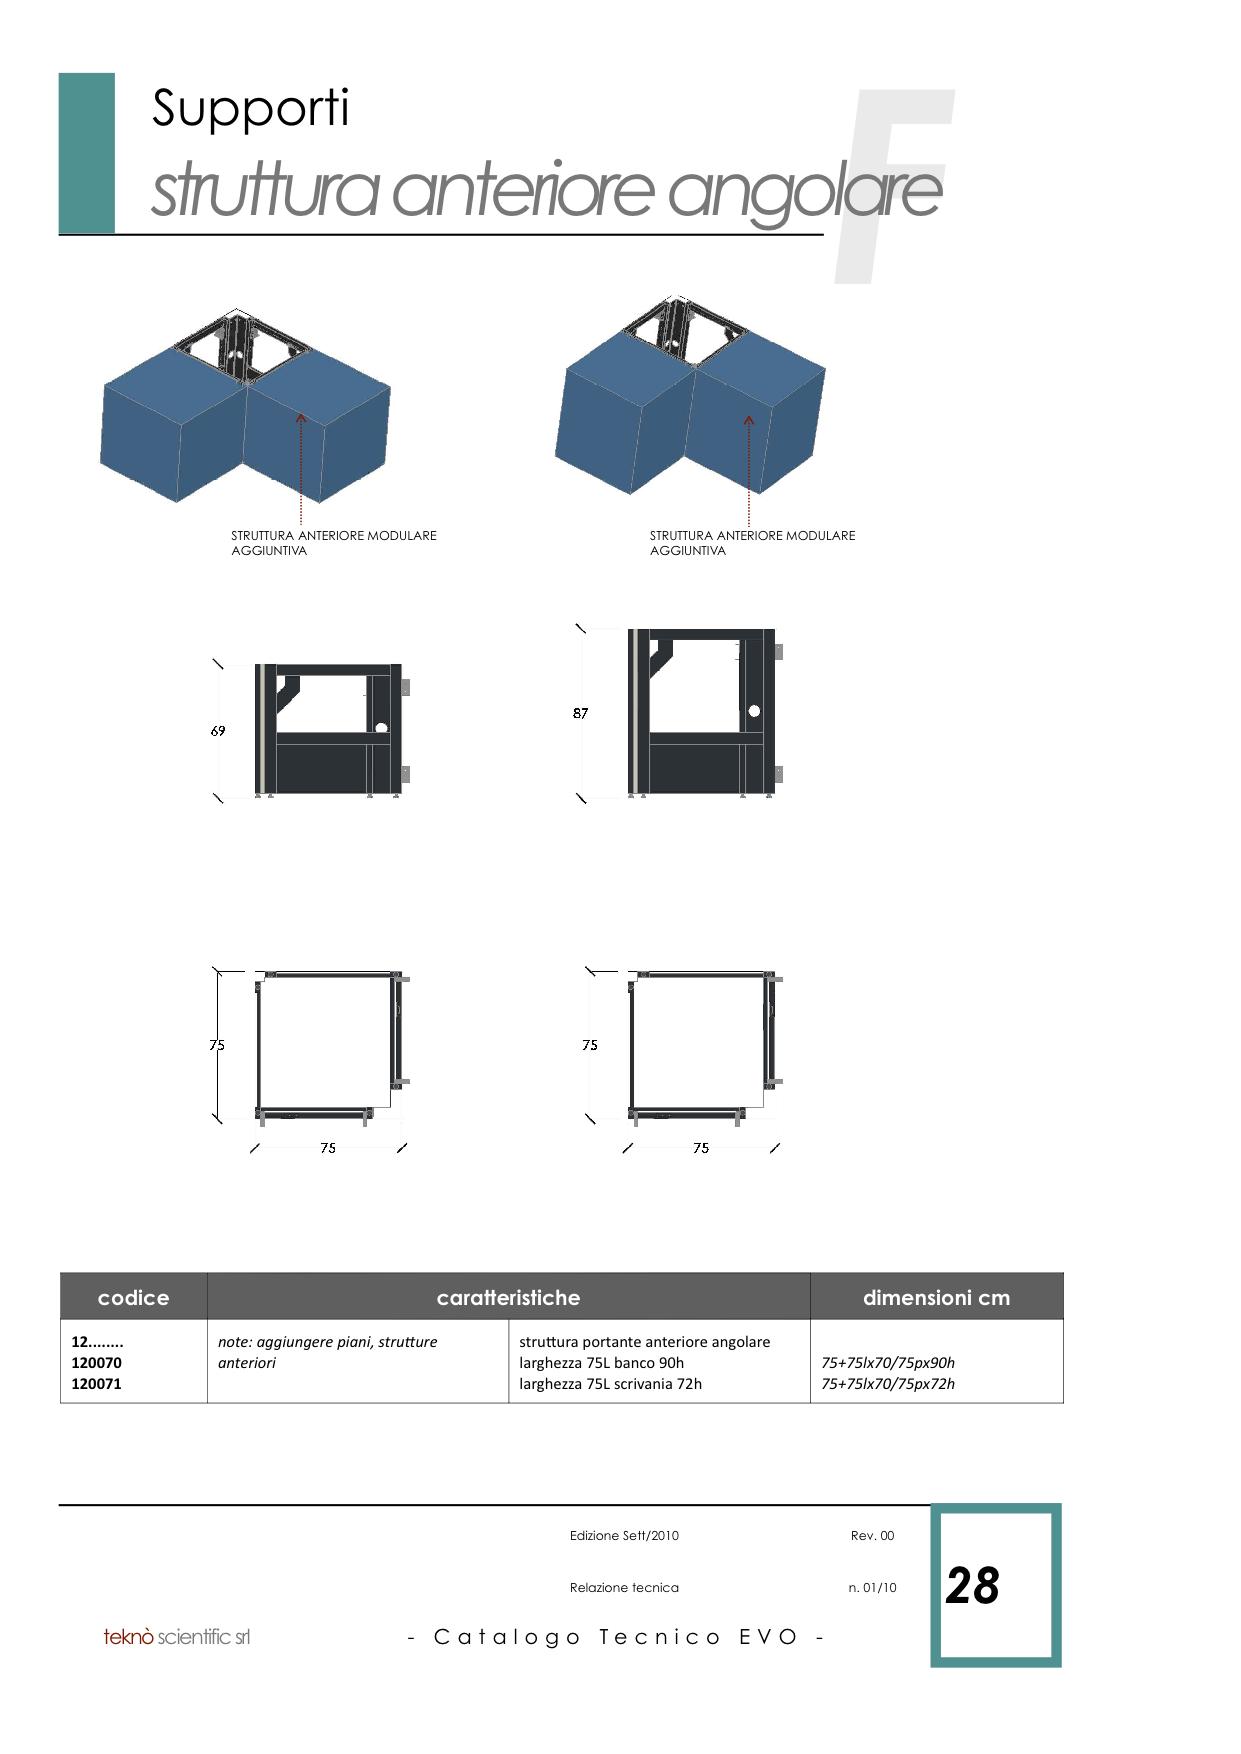 EVO Catalogo Tecnico Generale copia 28.png